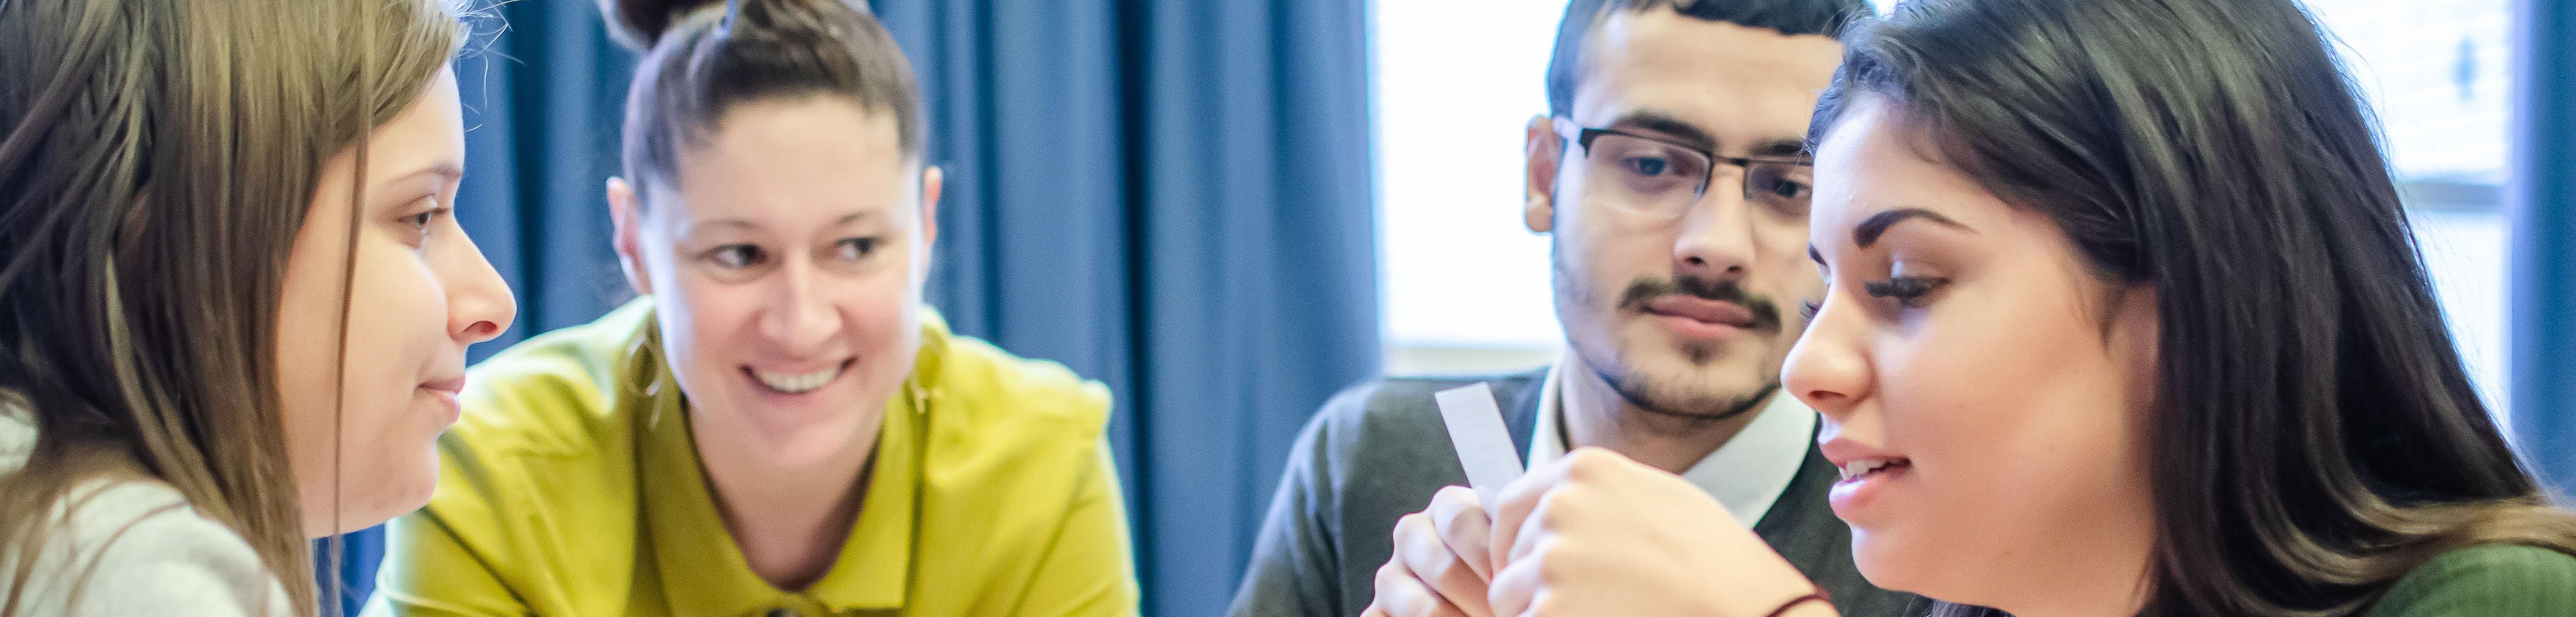 Petrus-En-Paulus-SJO-Onze-School-Leren-en-leven-Headerbeeld2